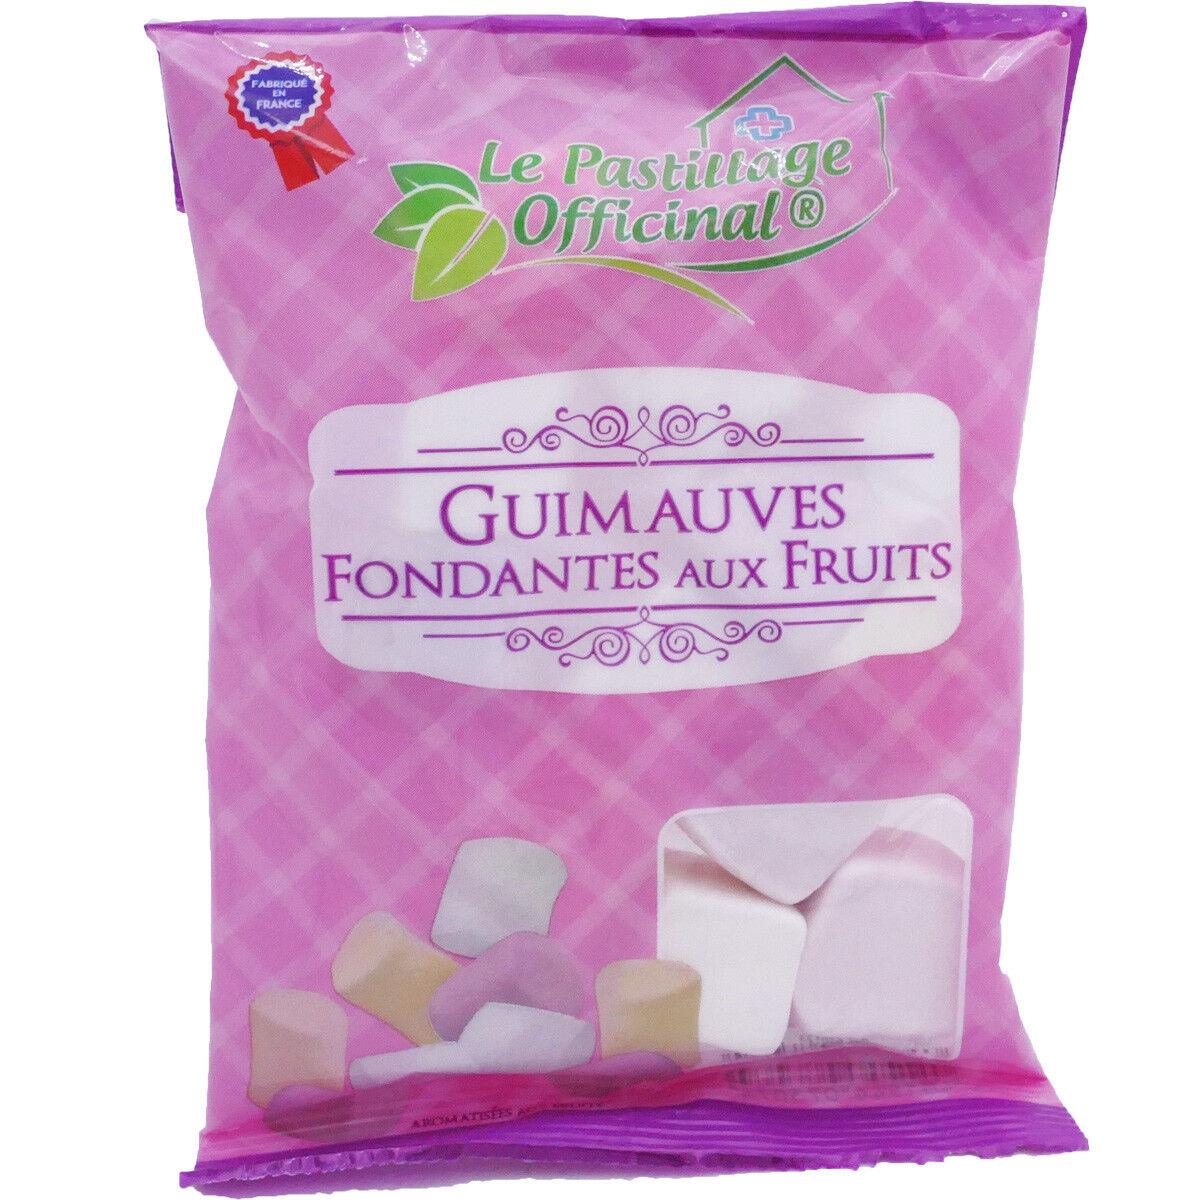 ESTIPHARM Le pastillage officinal guimauve fruits 40g